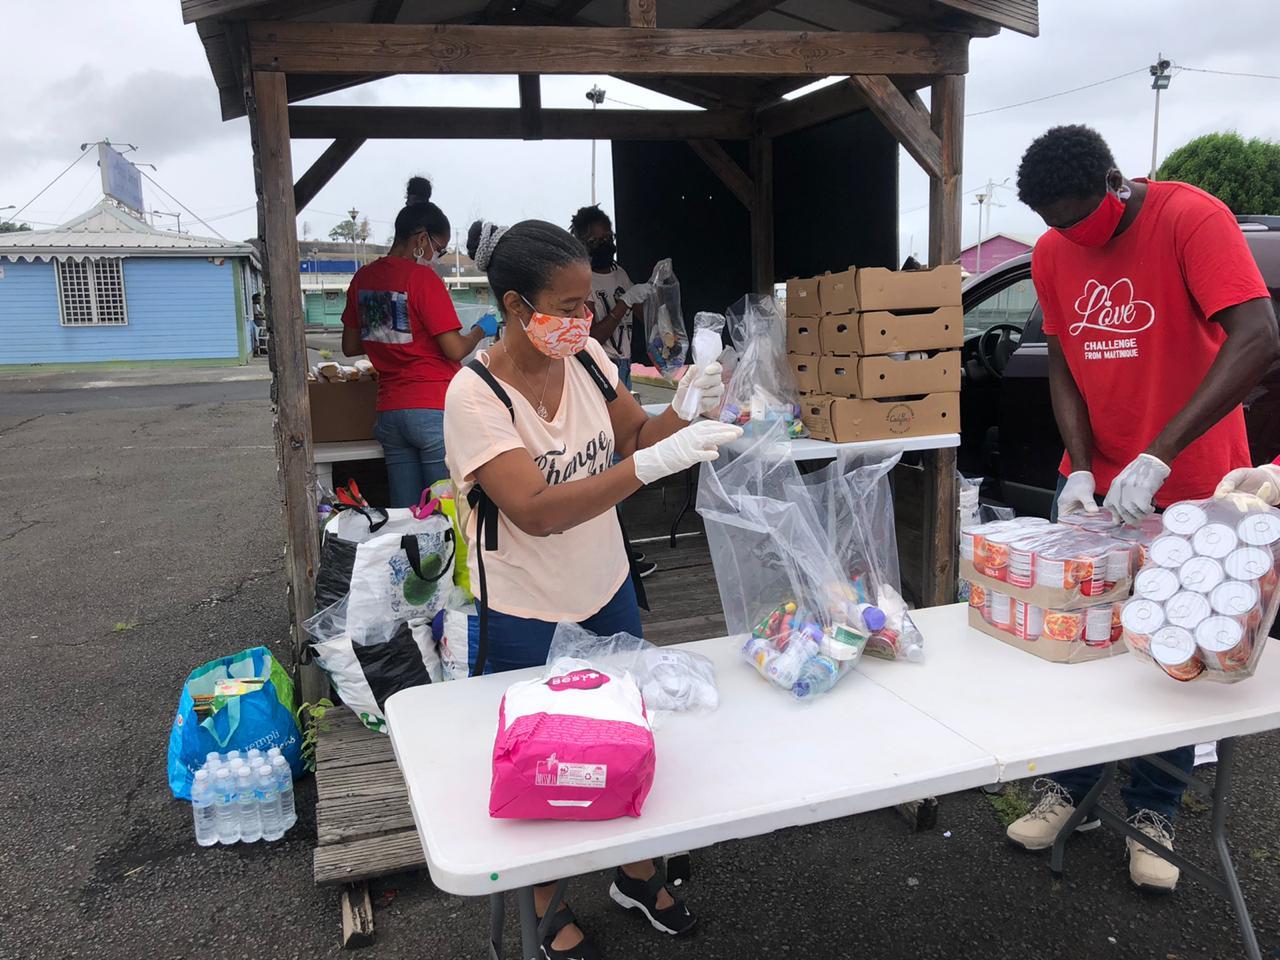 En temps de confinement, le collectif Love Challenge continue à distribuer des repas aux plus démunis